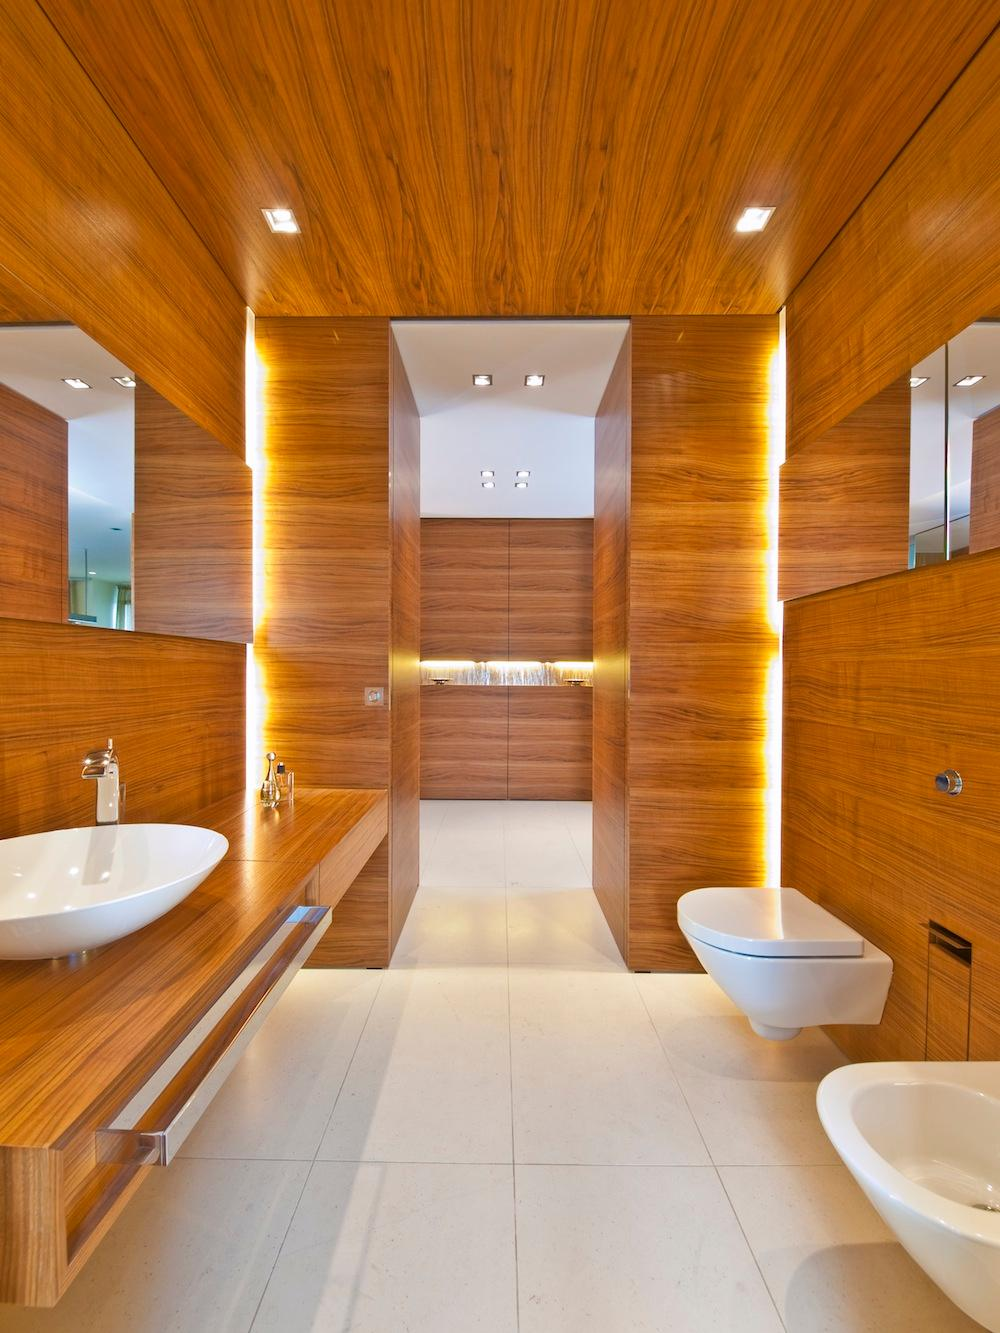 Holz Bad Beautiful Gerumiges Moderne Dekoration Bad Mit Holz